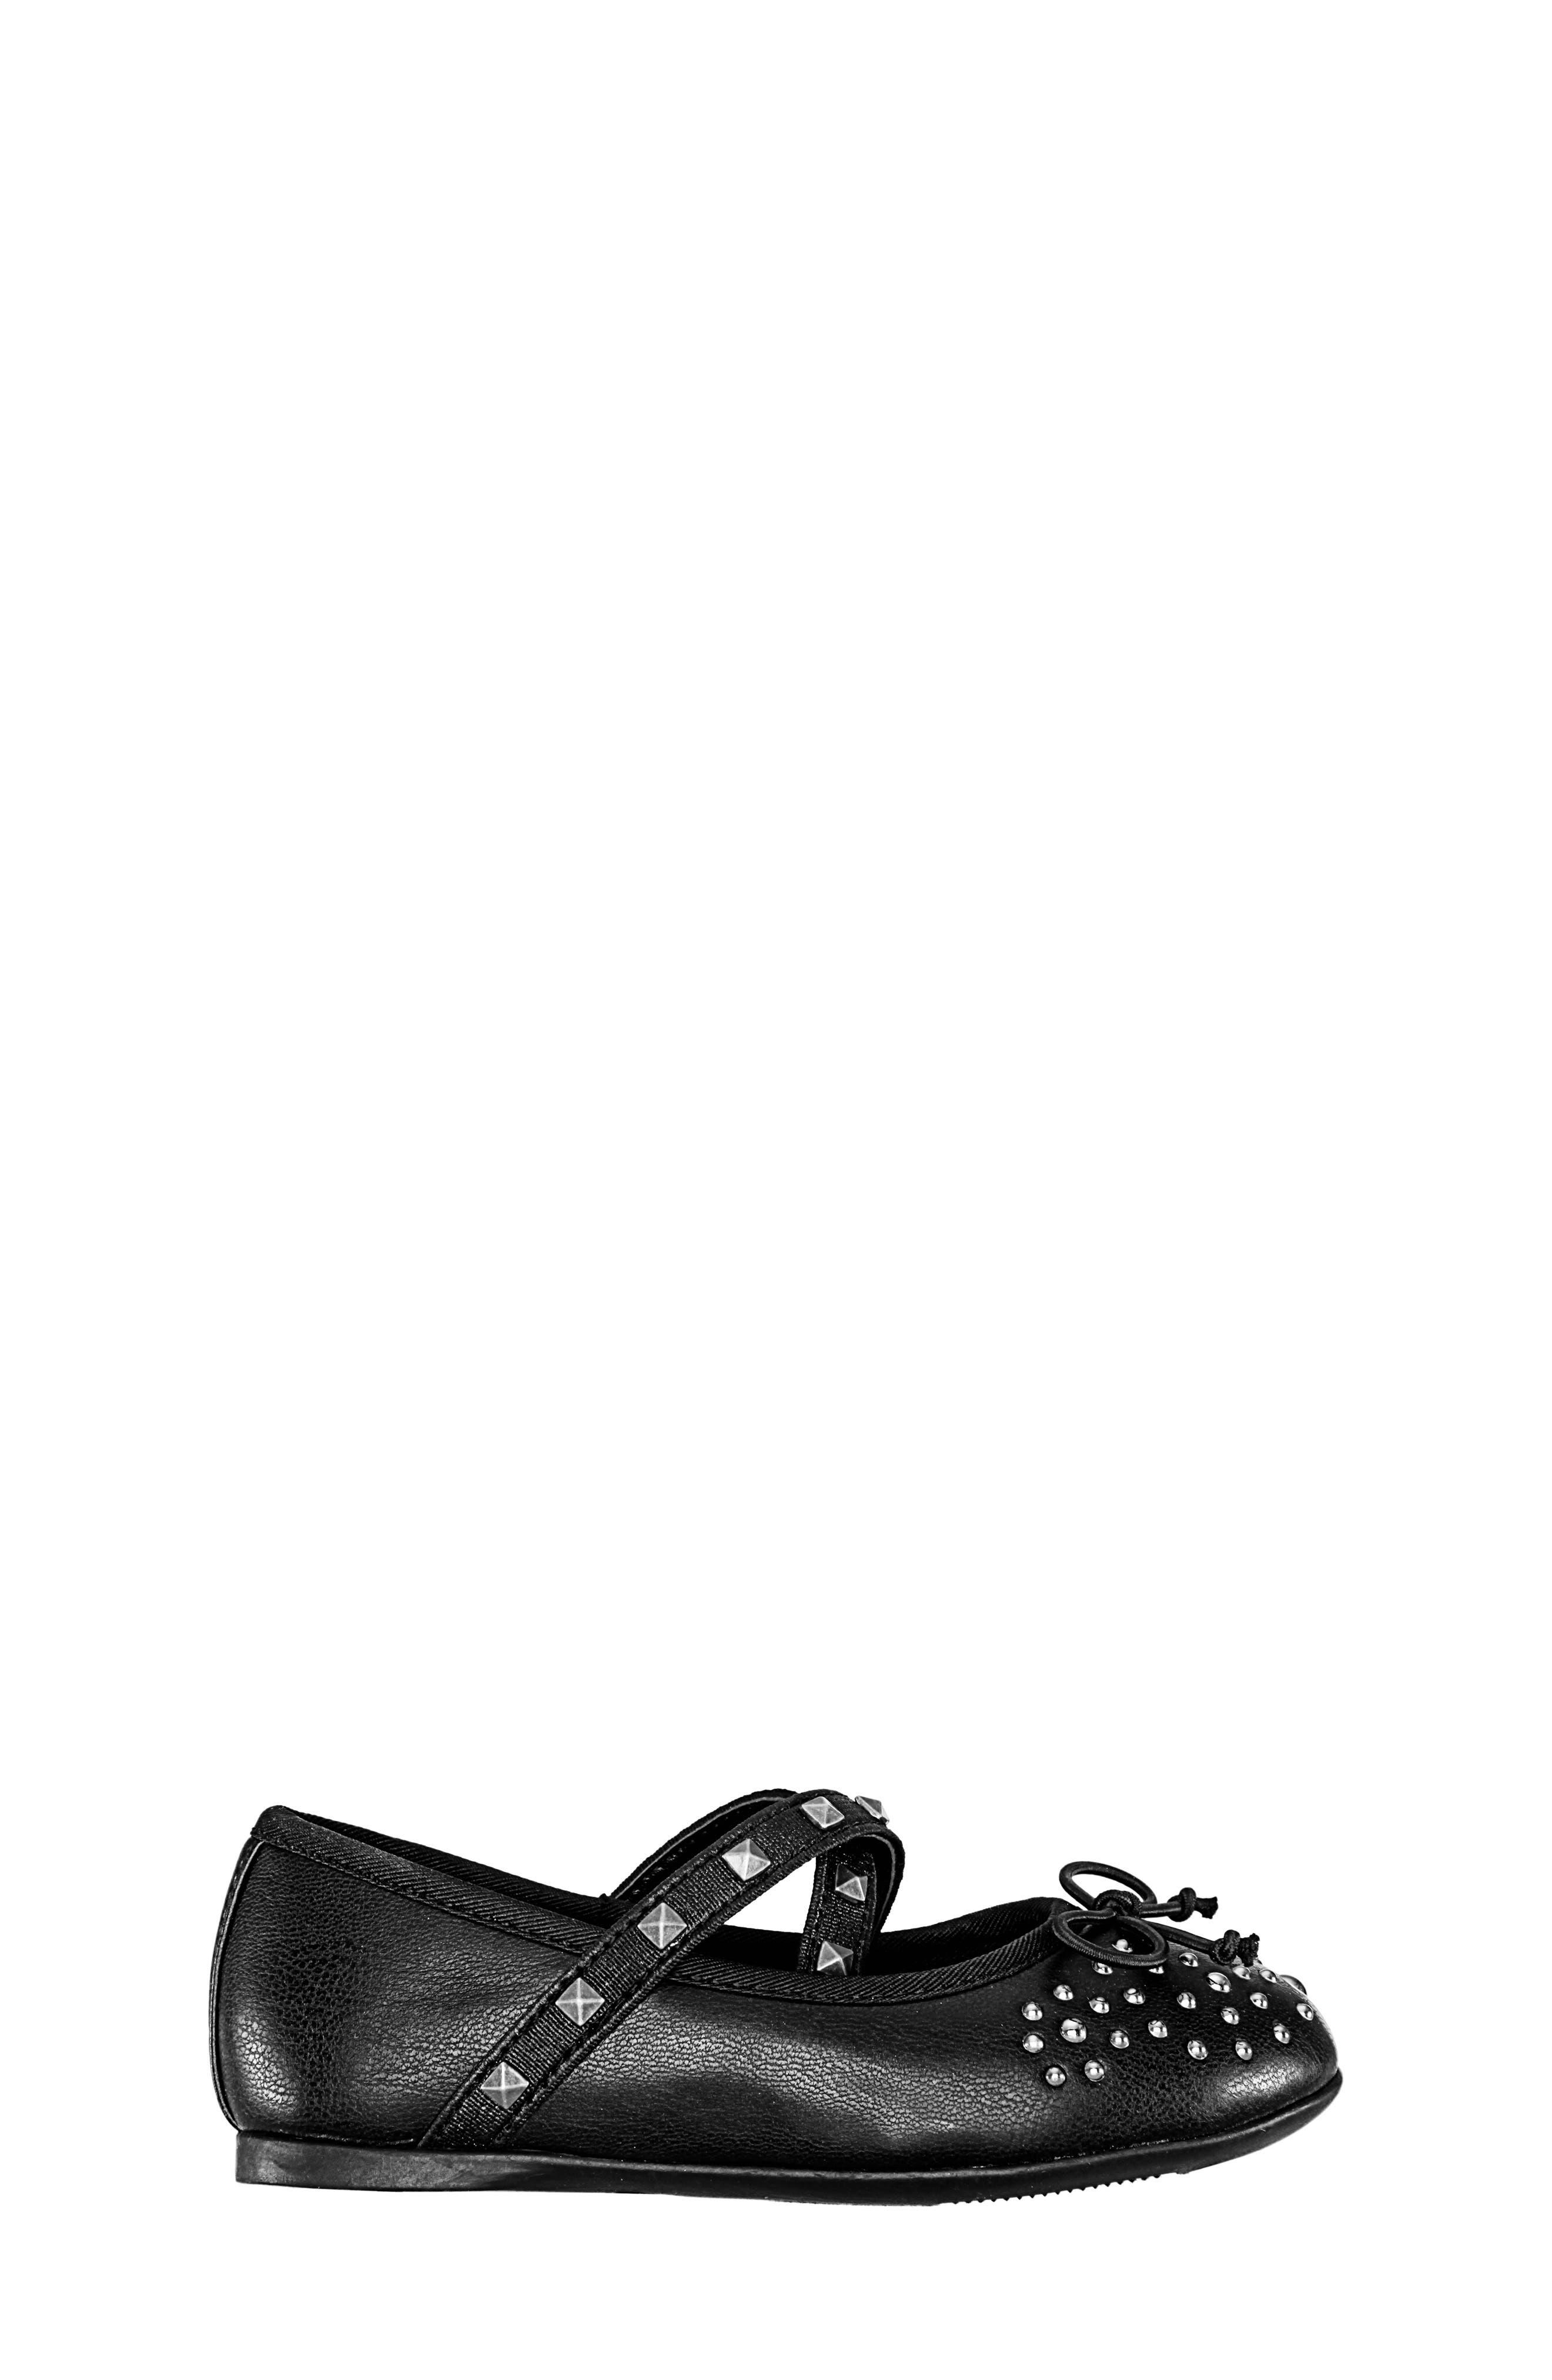 Averi Studded Ballet Flat,                             Alternate thumbnail 3, color,                             009